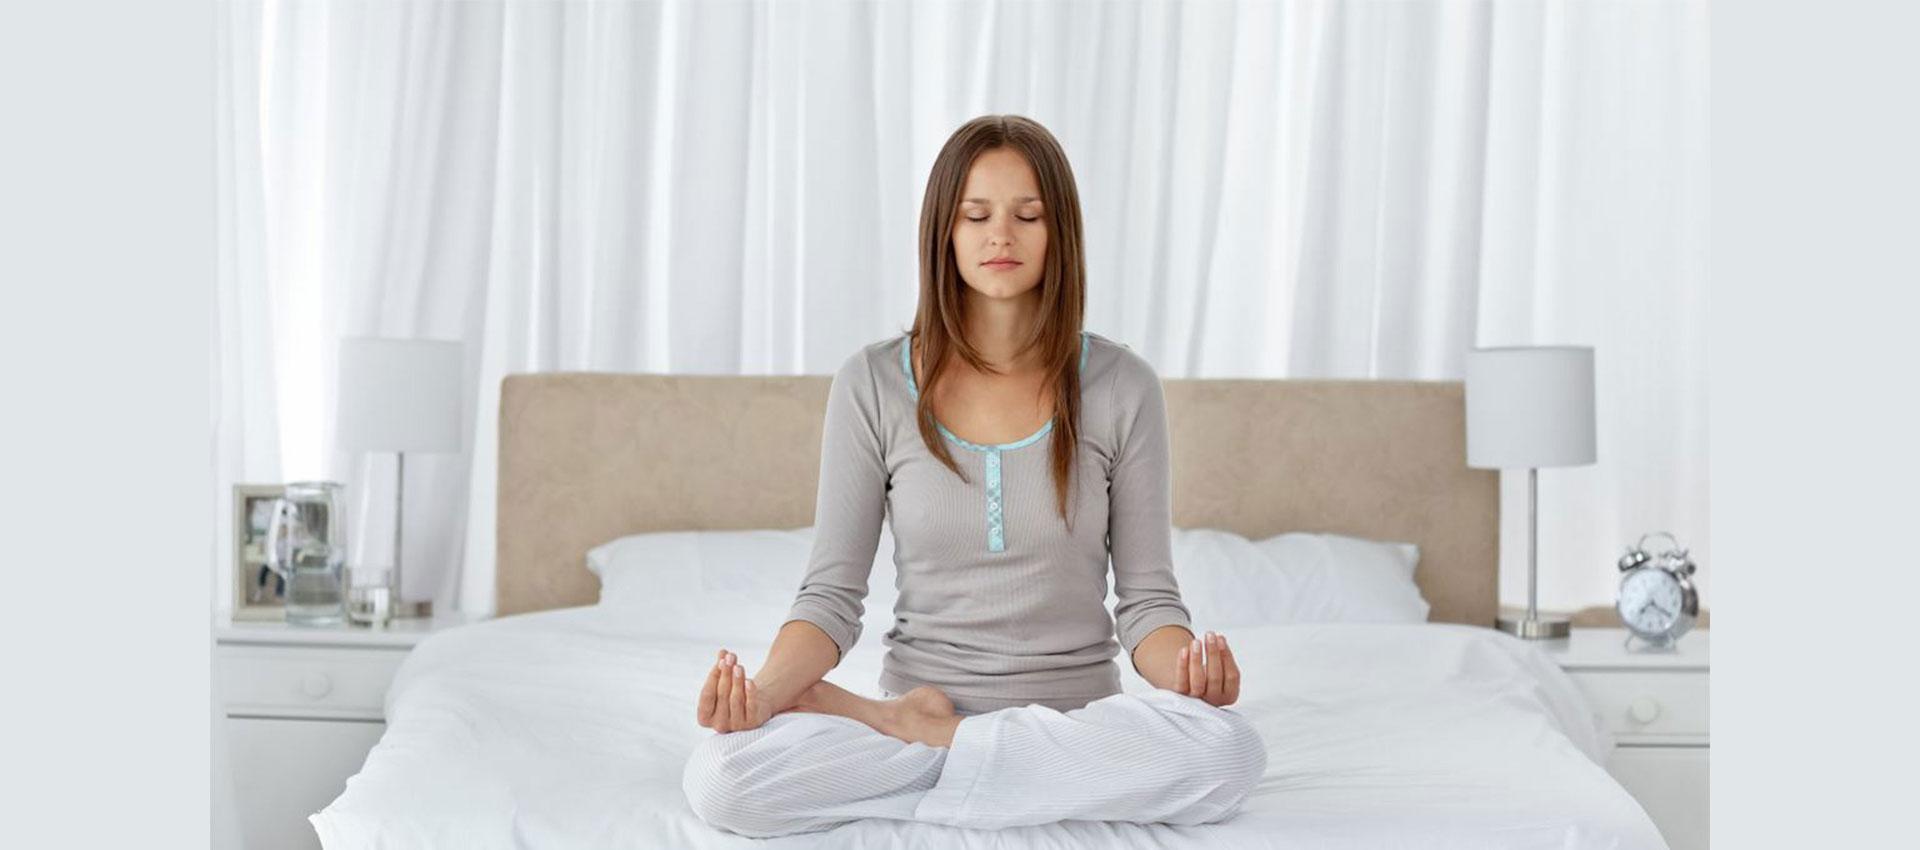 پیشنهاداتی برای درمان کمبود خواب یا بدخوابی، یوگا